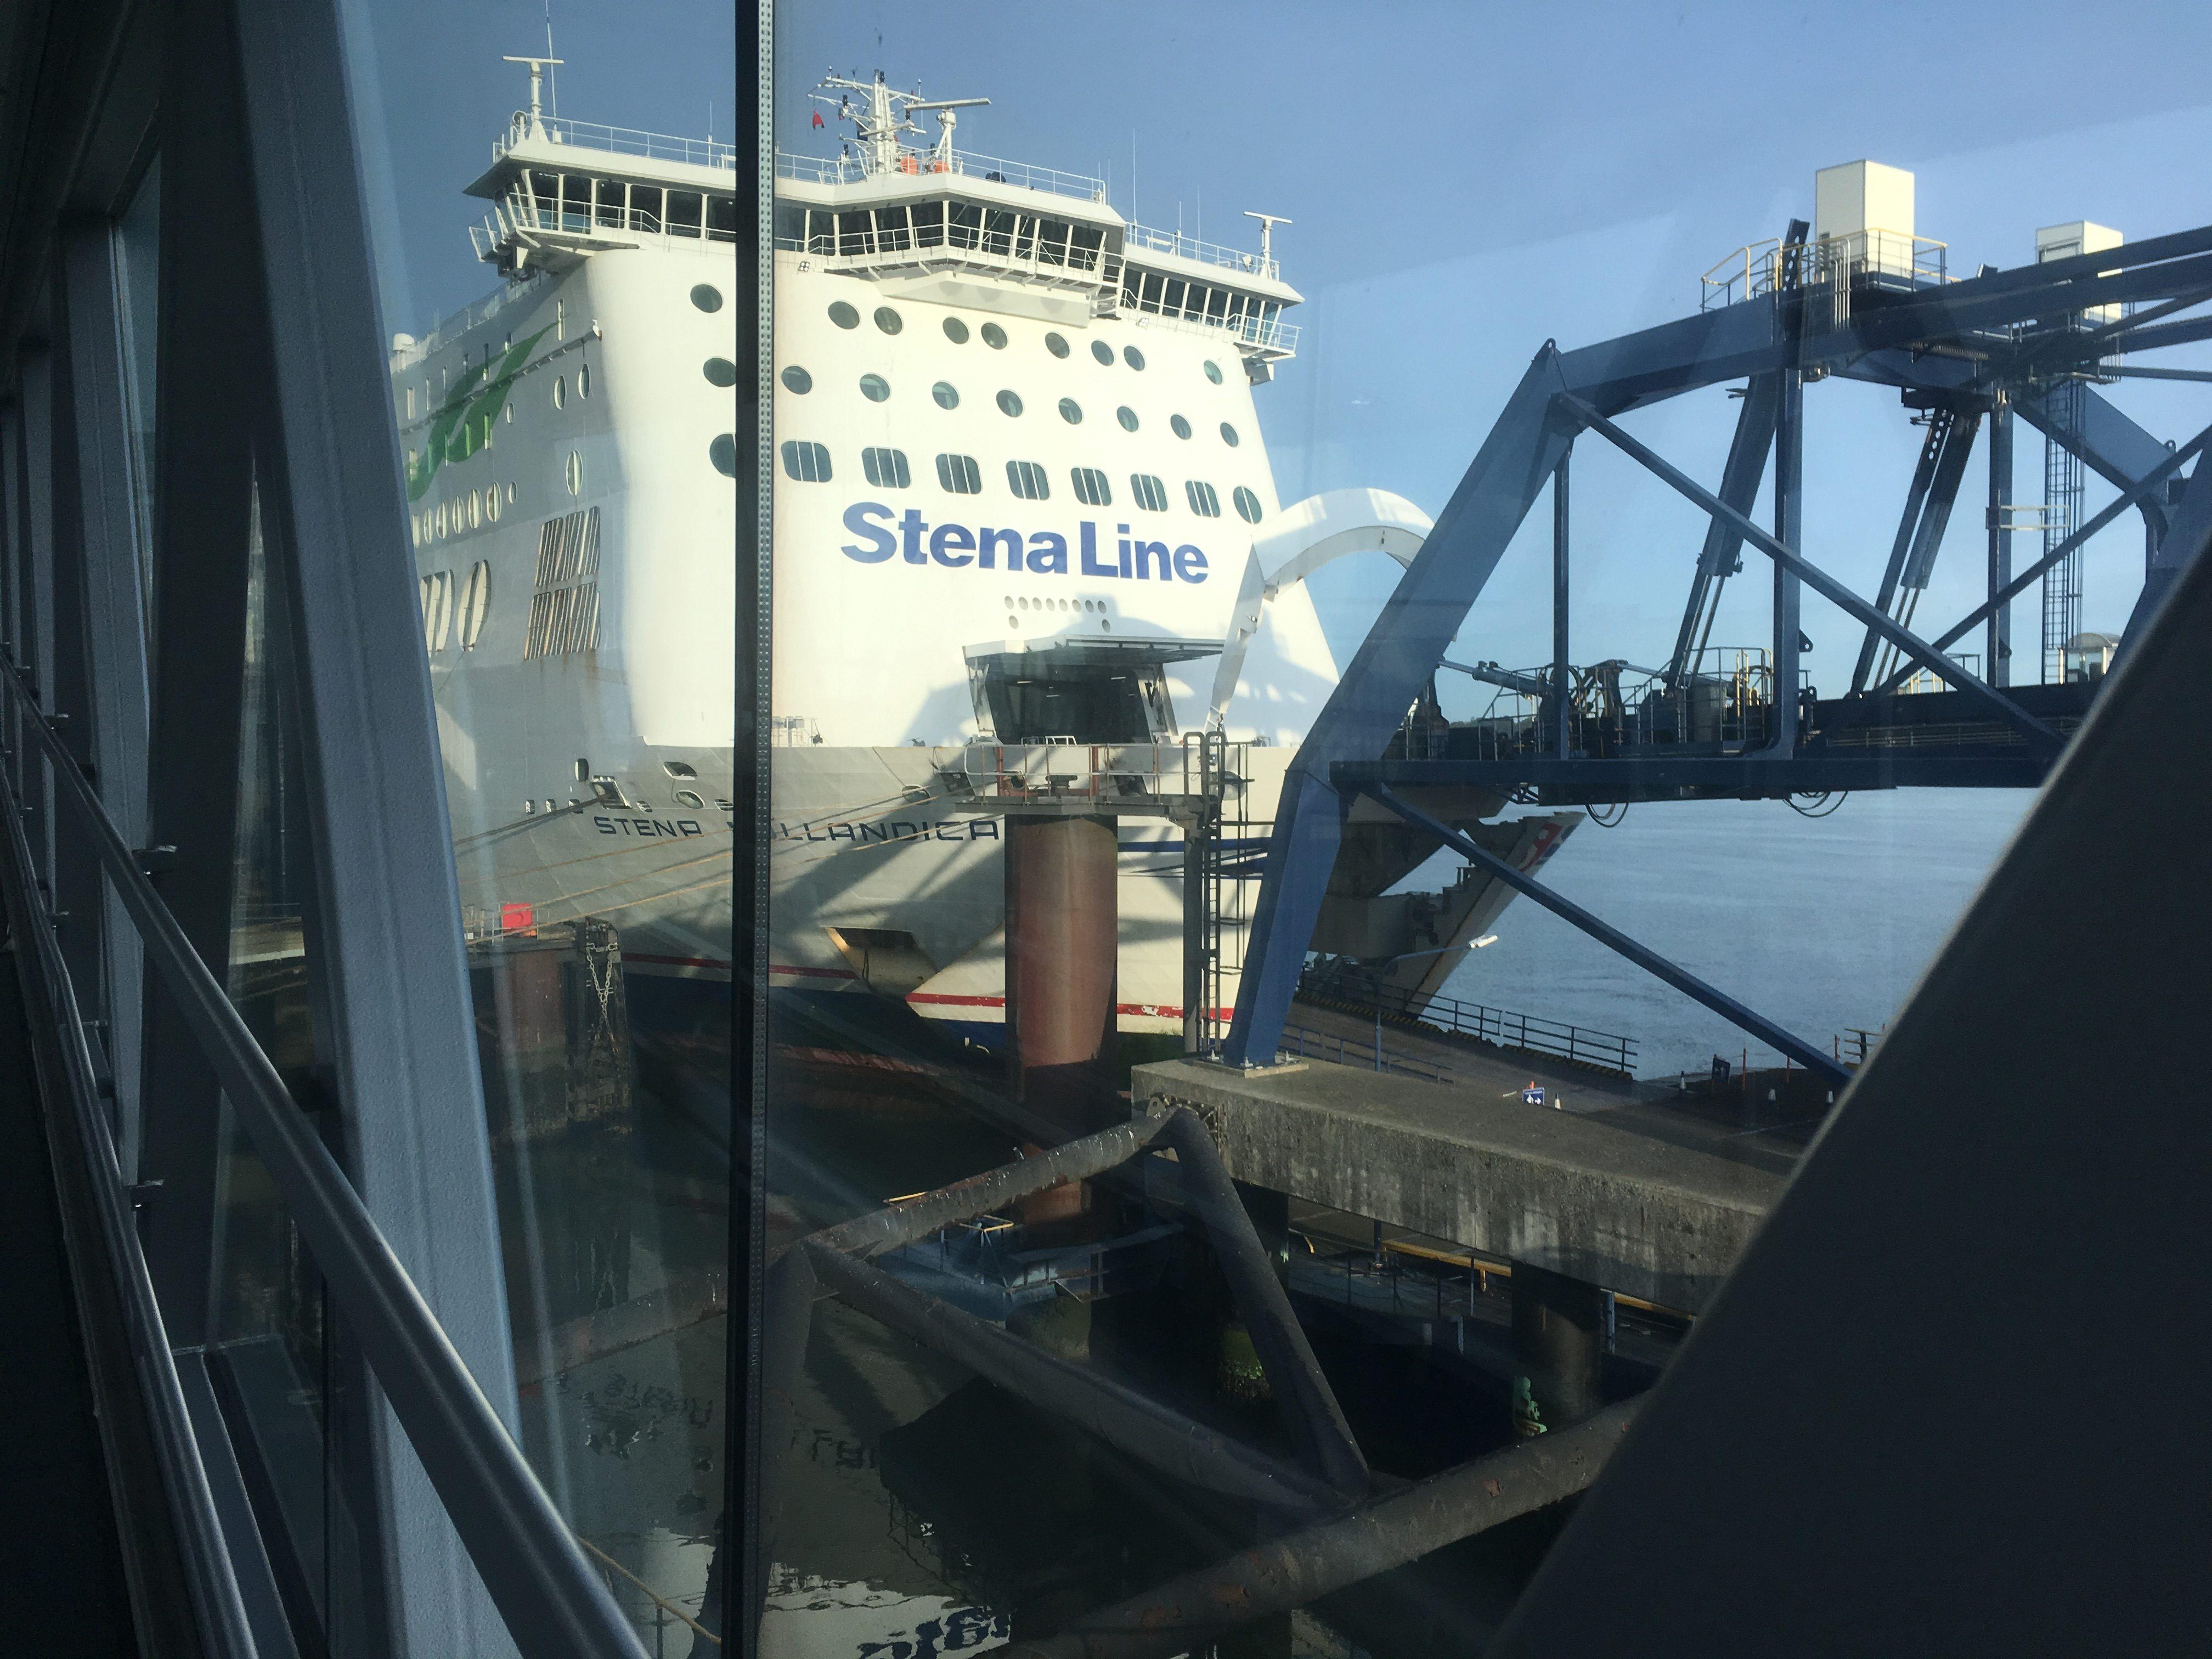 Boarding ferry in Harwich